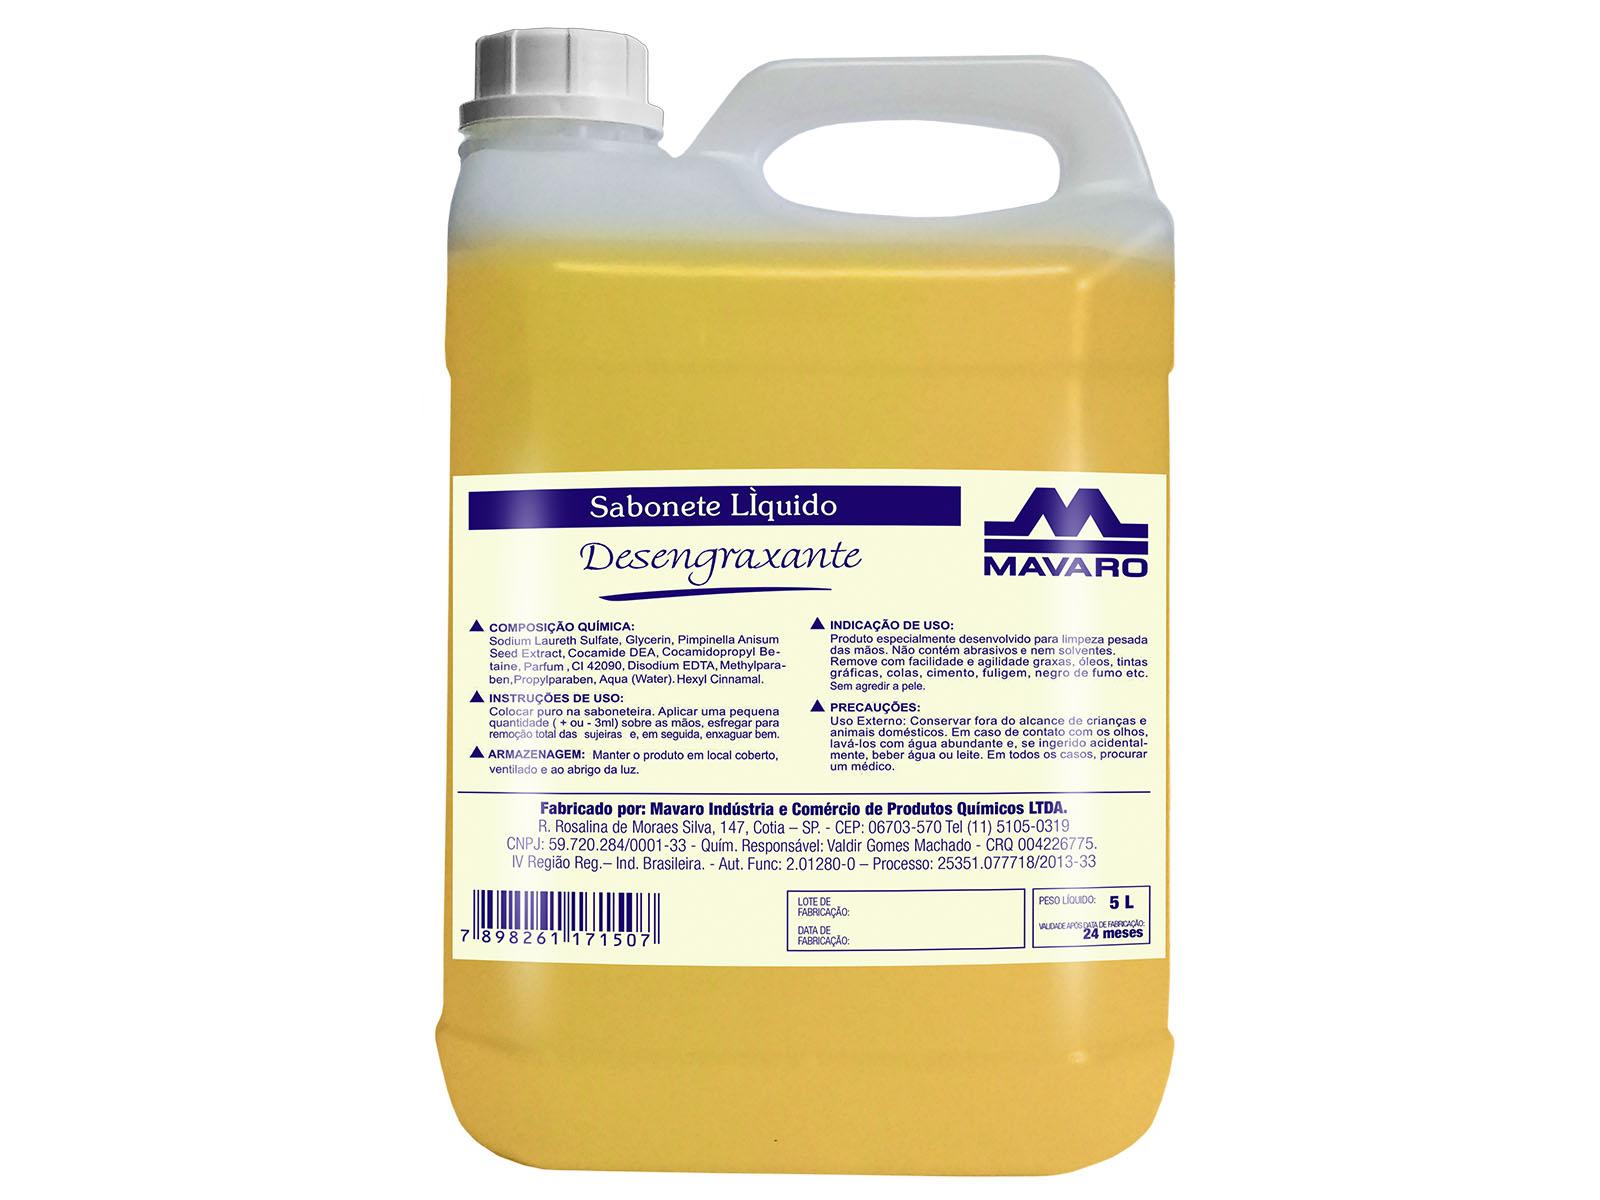 Sabonete líquido desengraxante.